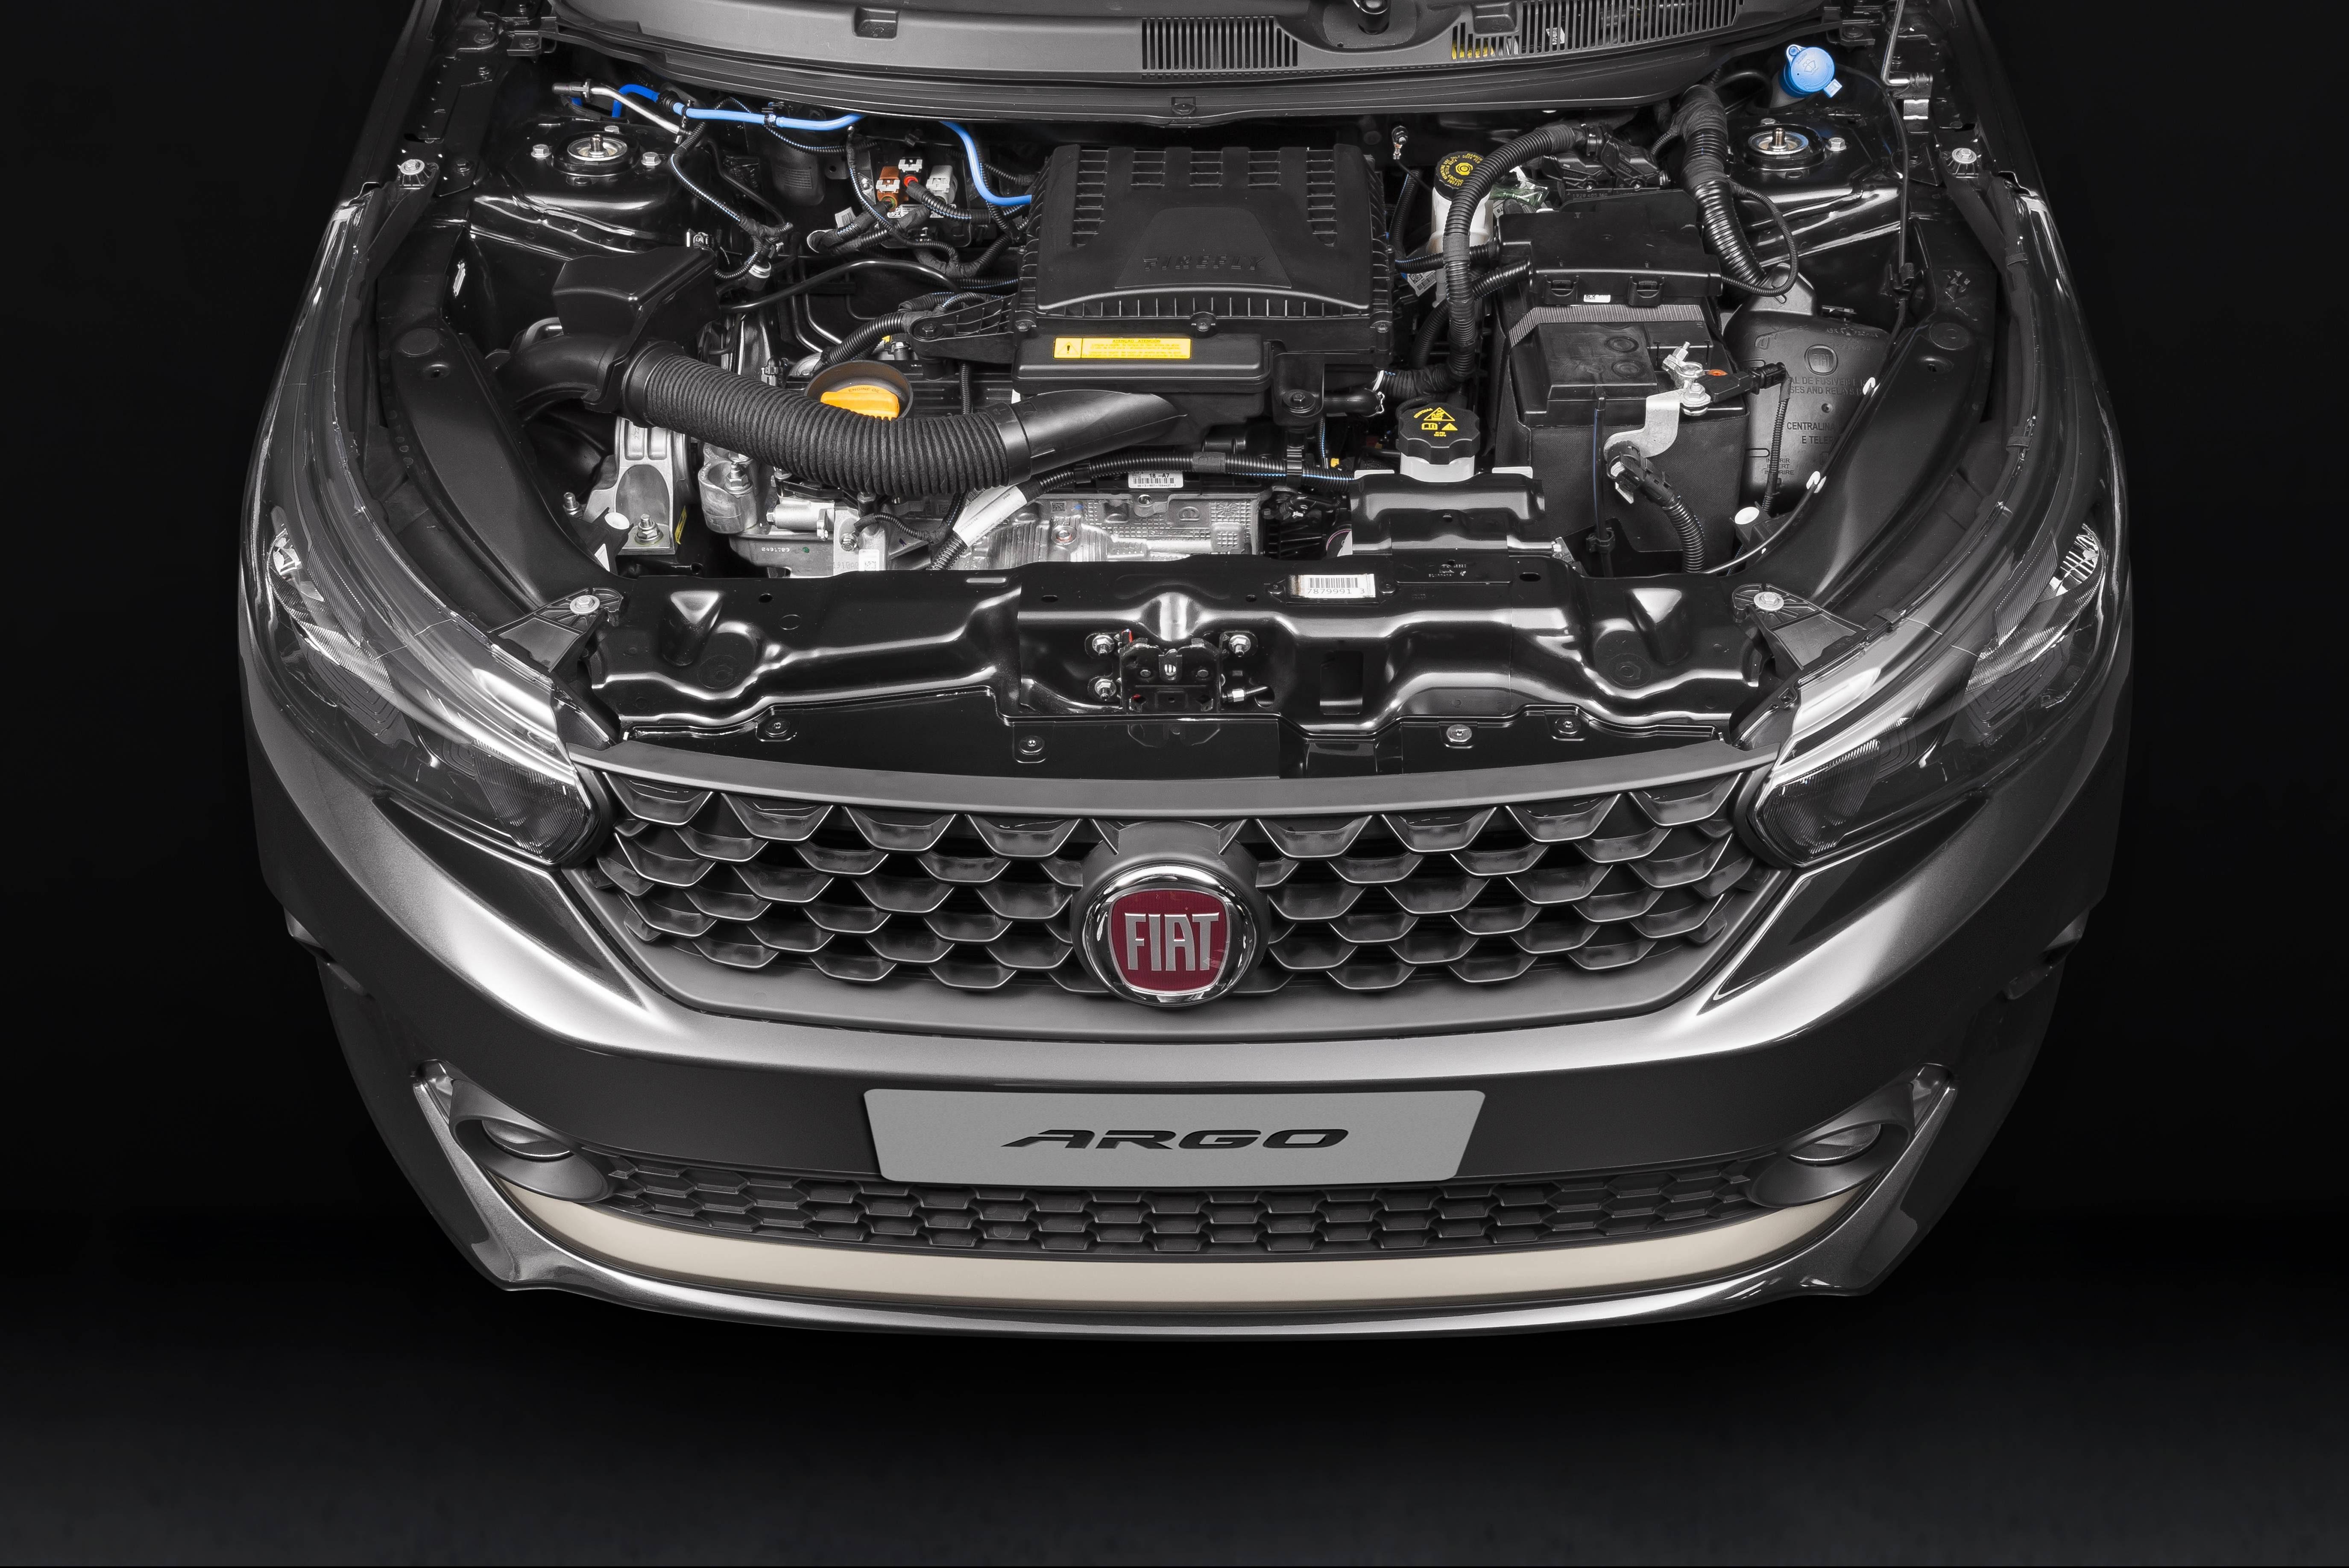 Motor 1.3 Firefly equipa as versões intermediárias do Argo e entrega até 109 cv se abastecido com etanol